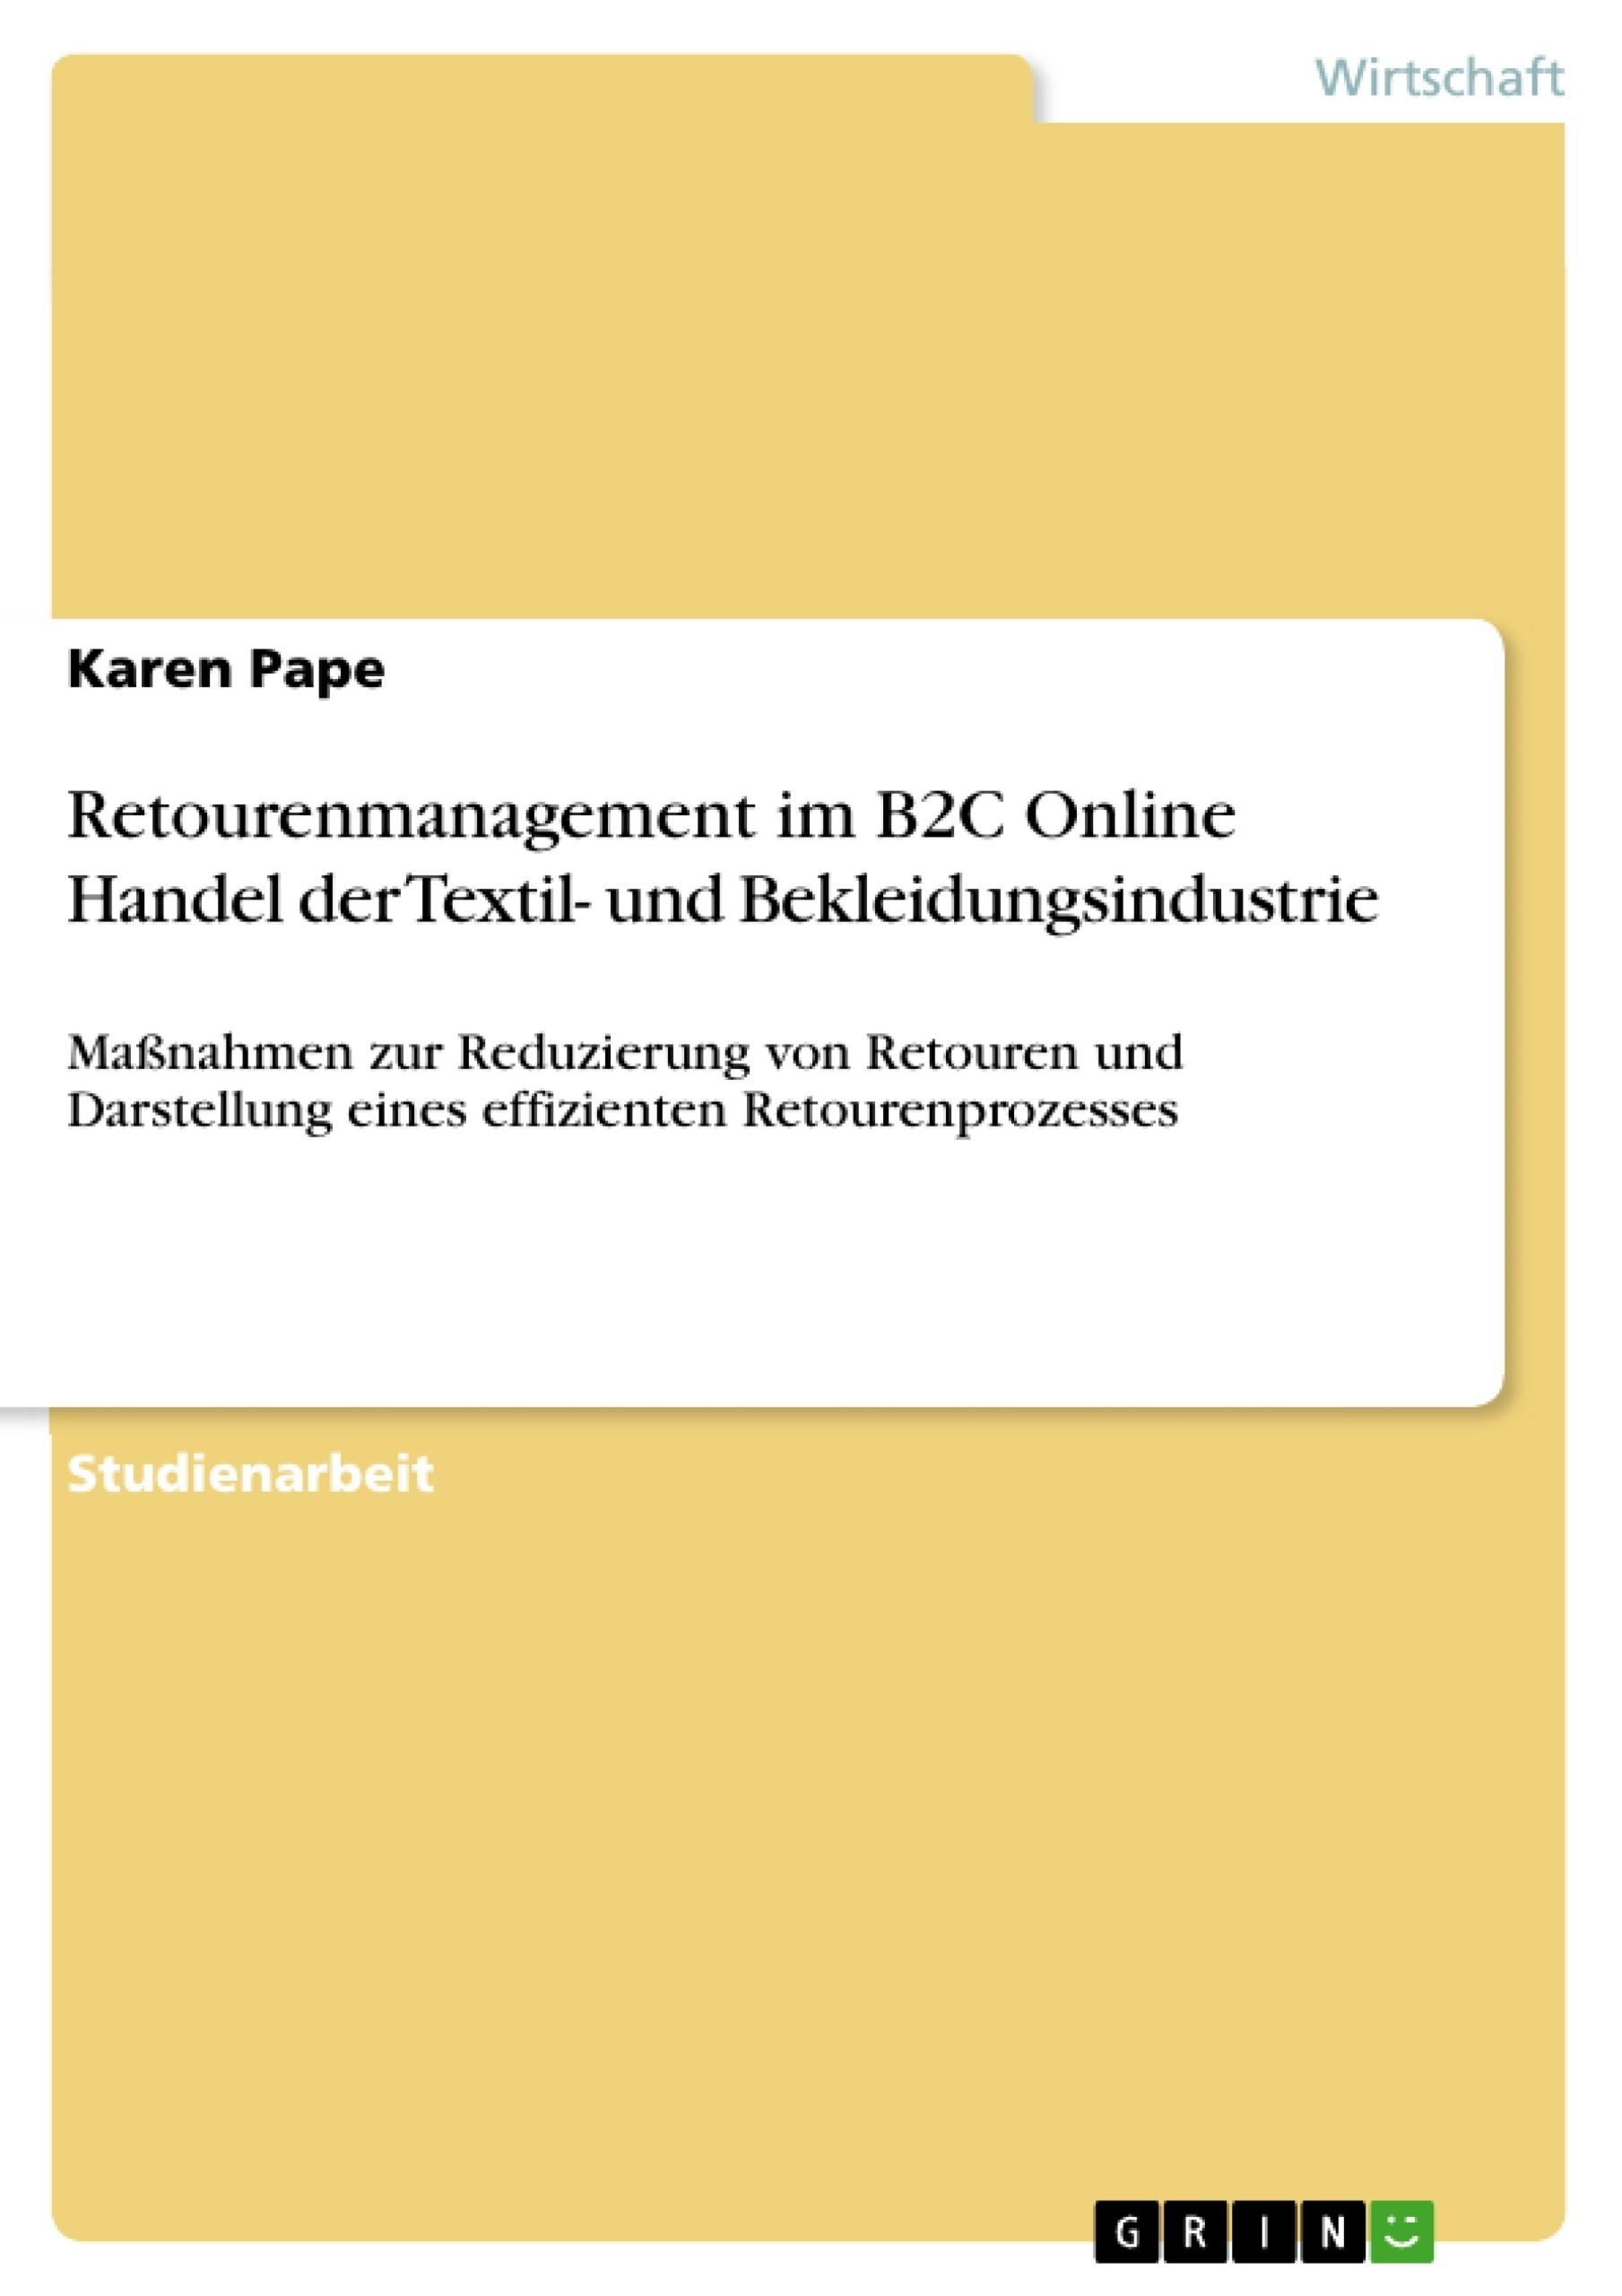 Titel: Retourenmanagement im B2C Online Handel  der Textil- und Bekleidungsindustrie